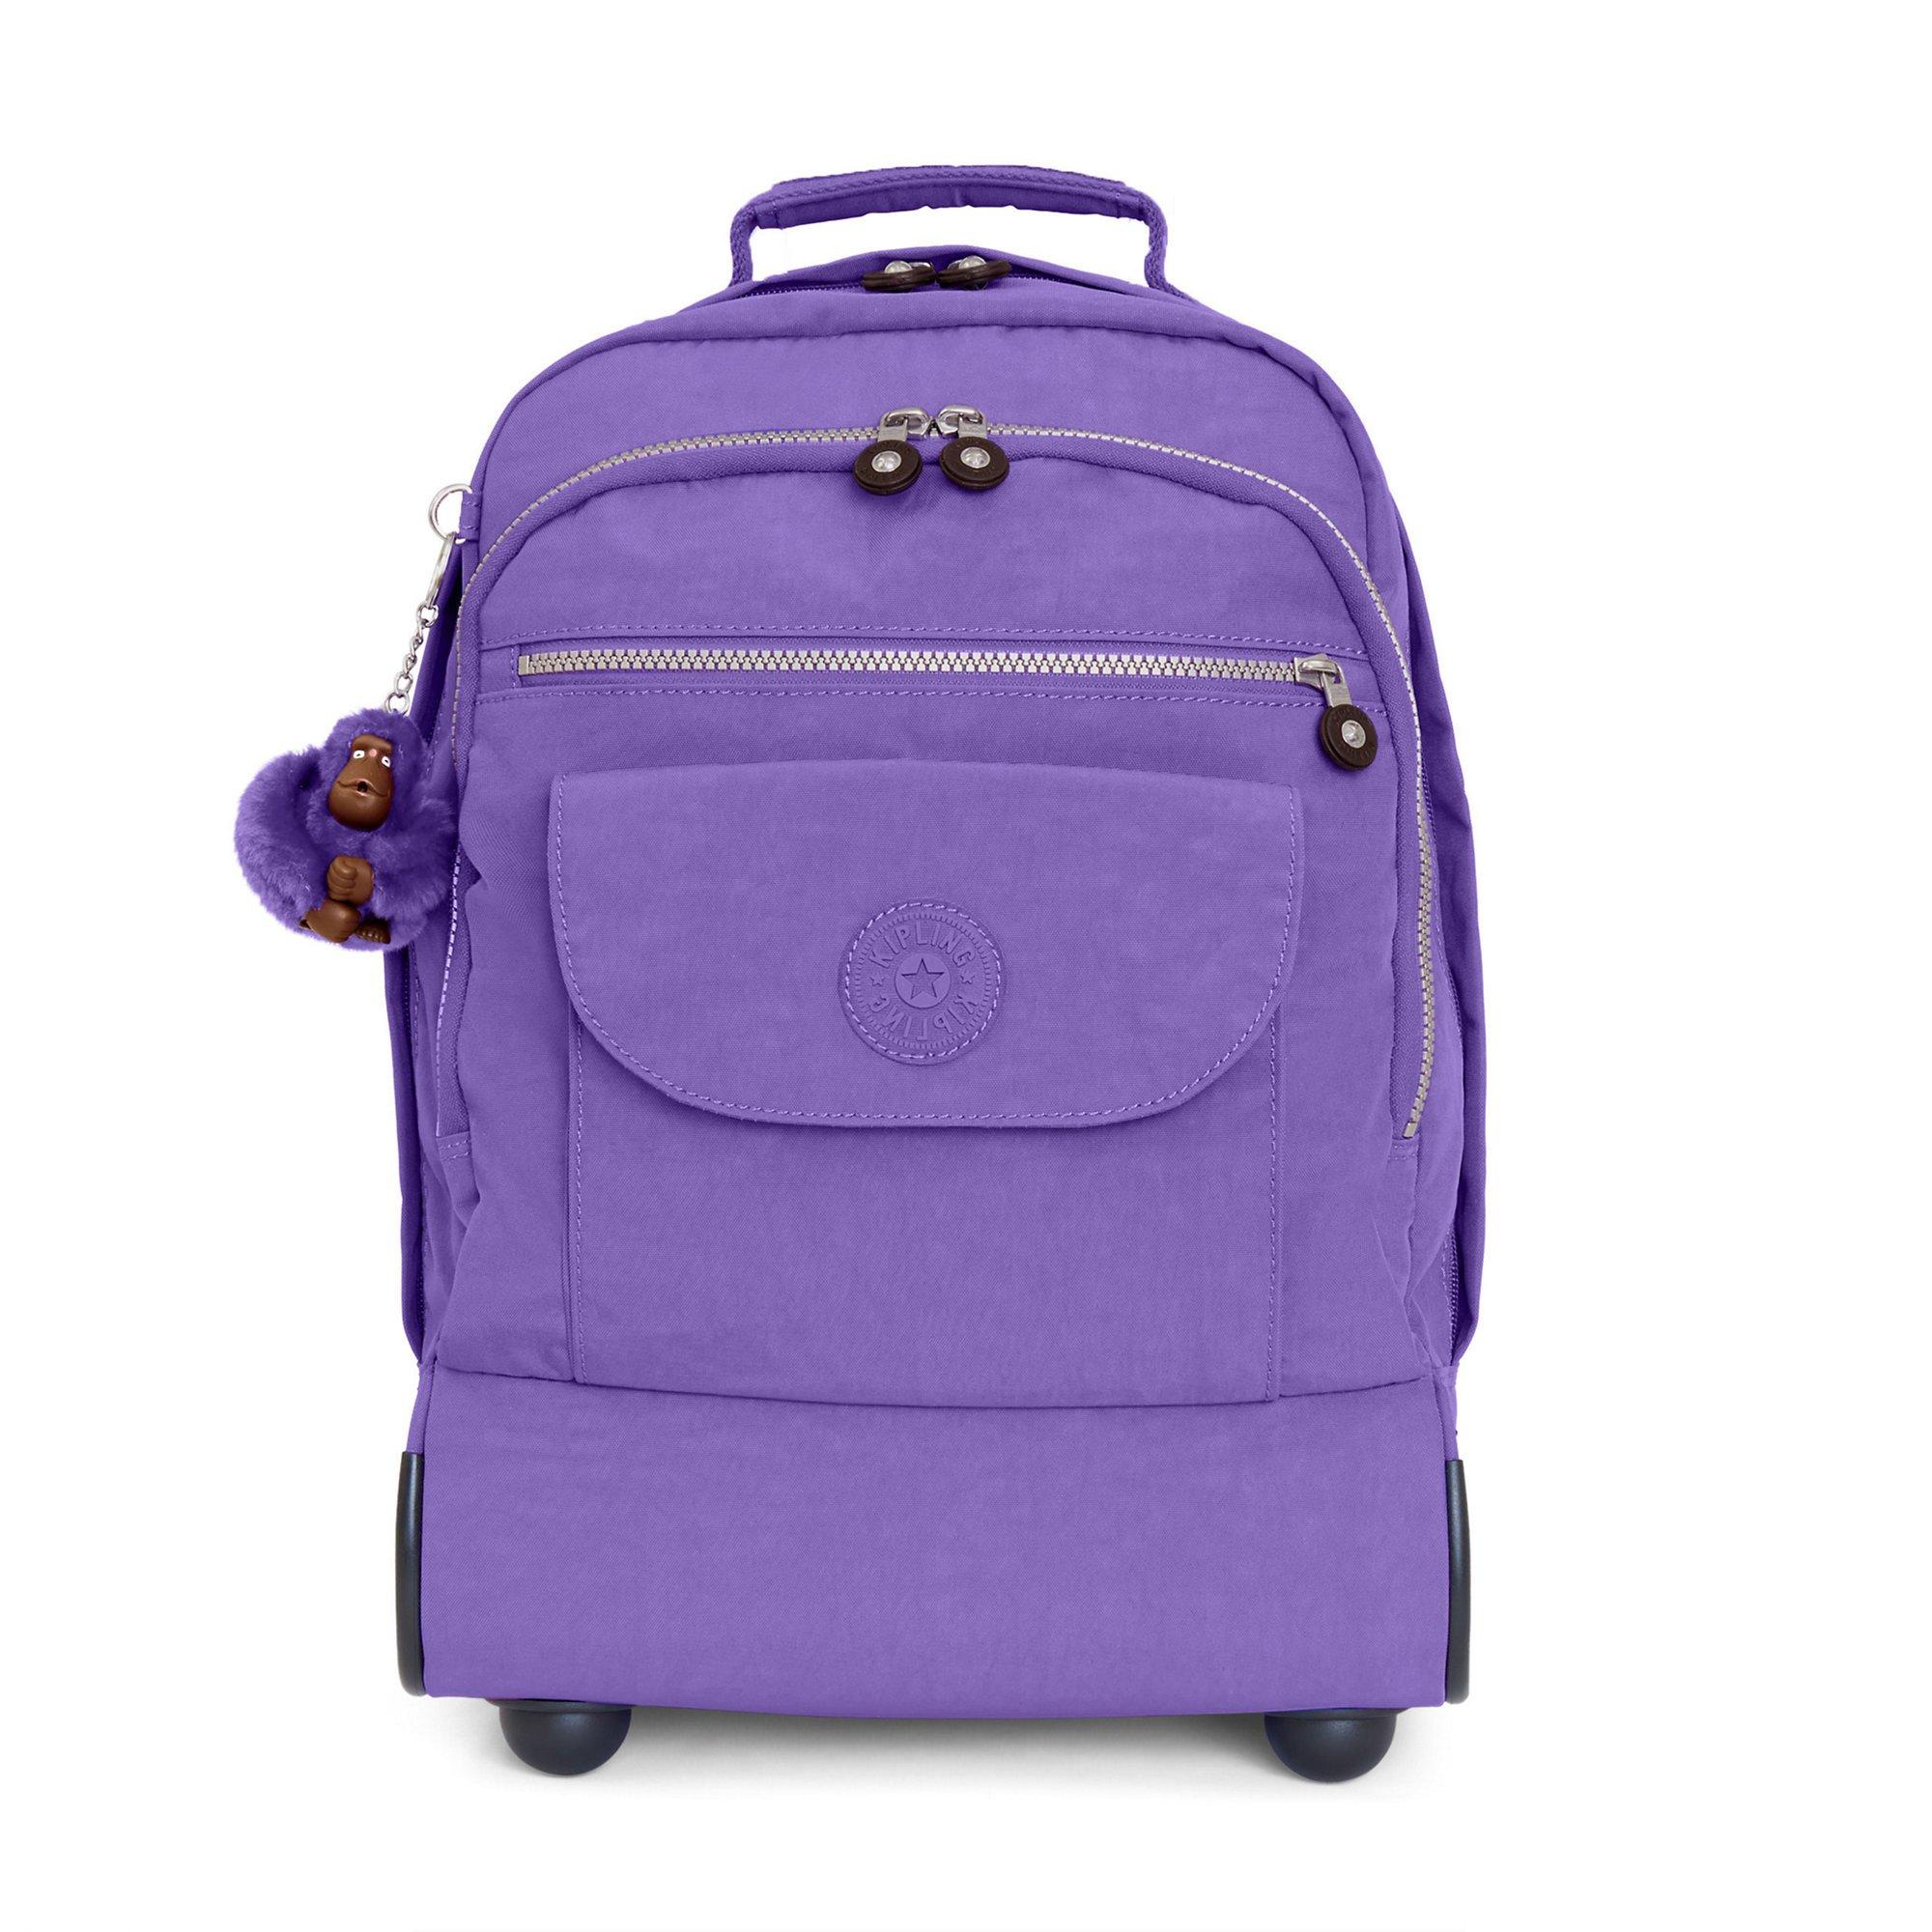 Kipling Women's Sanaa Large Rolling Backpack One Size Purple Feather